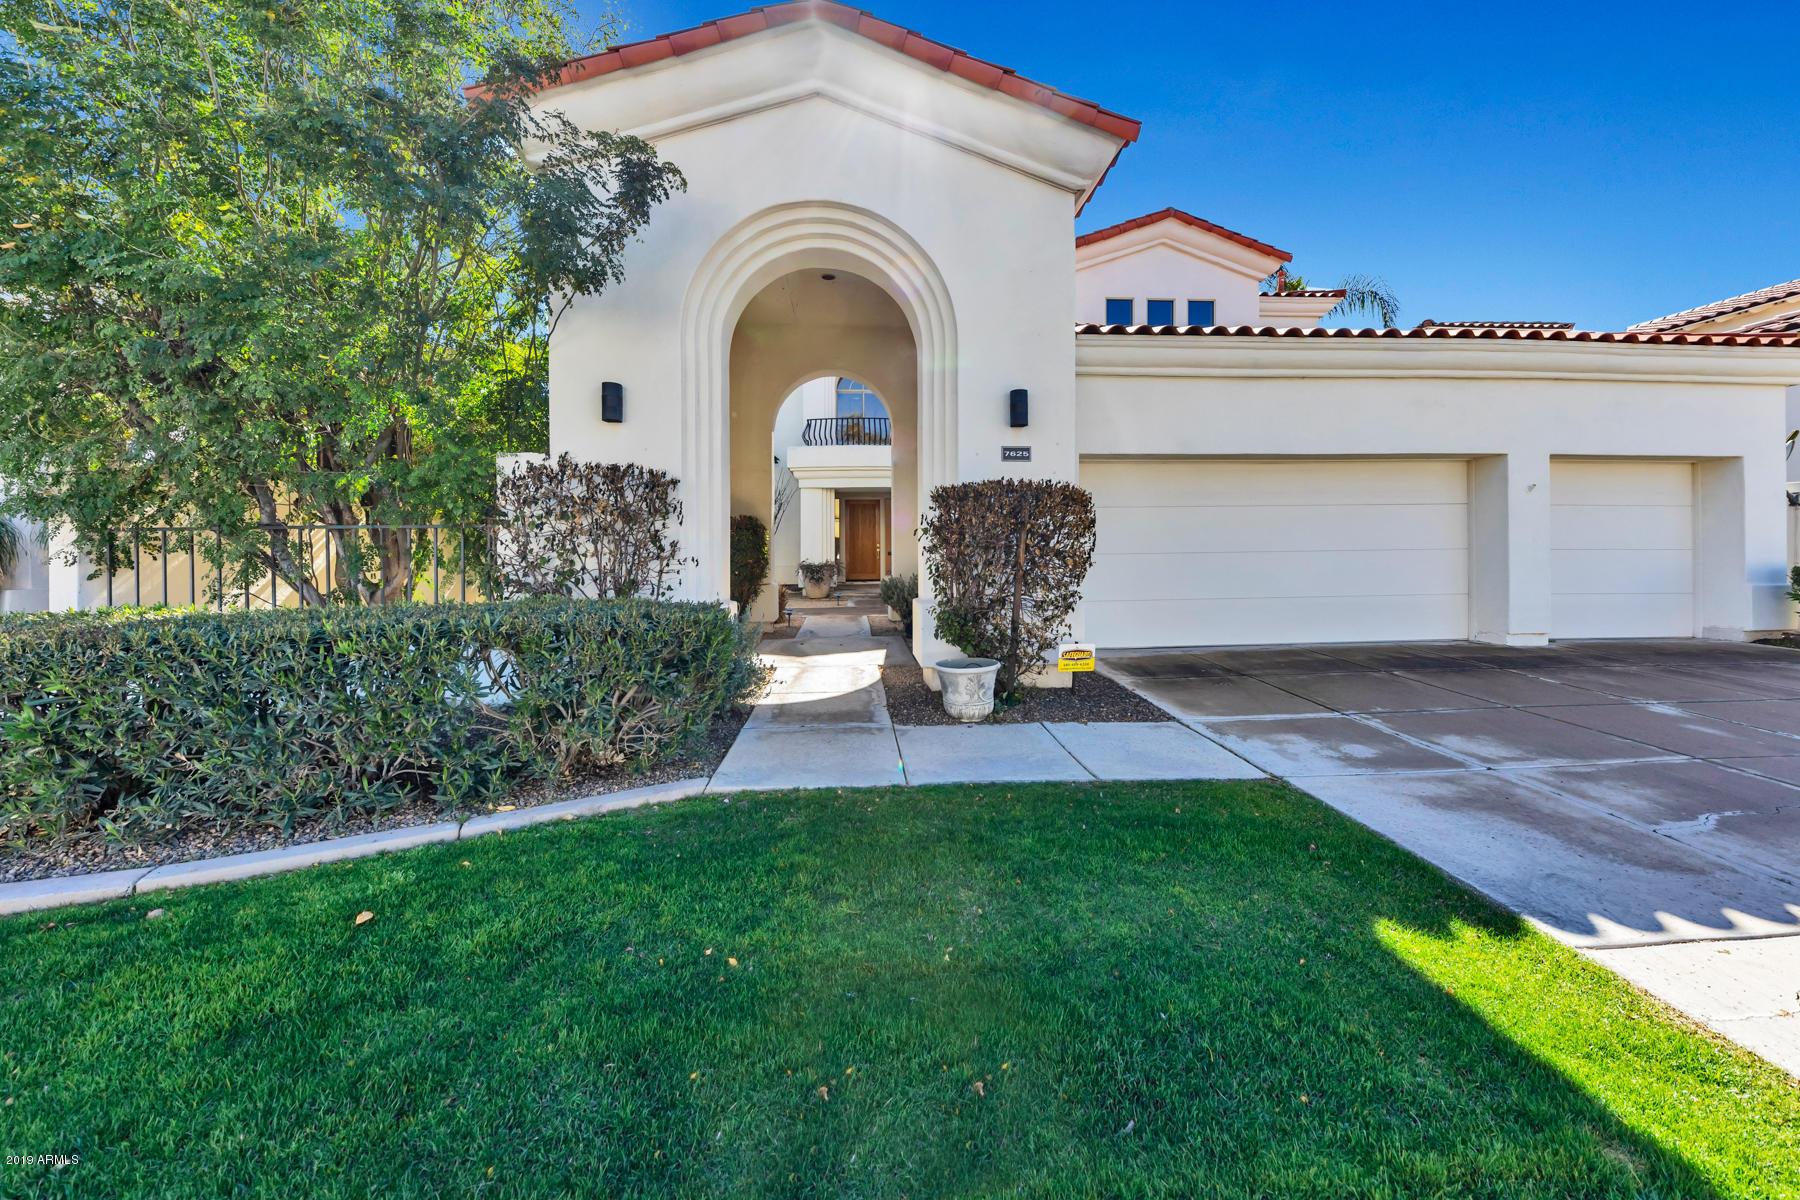 Photo of 7625 E Cactus Wren Road, Scottsdale, AZ 85250